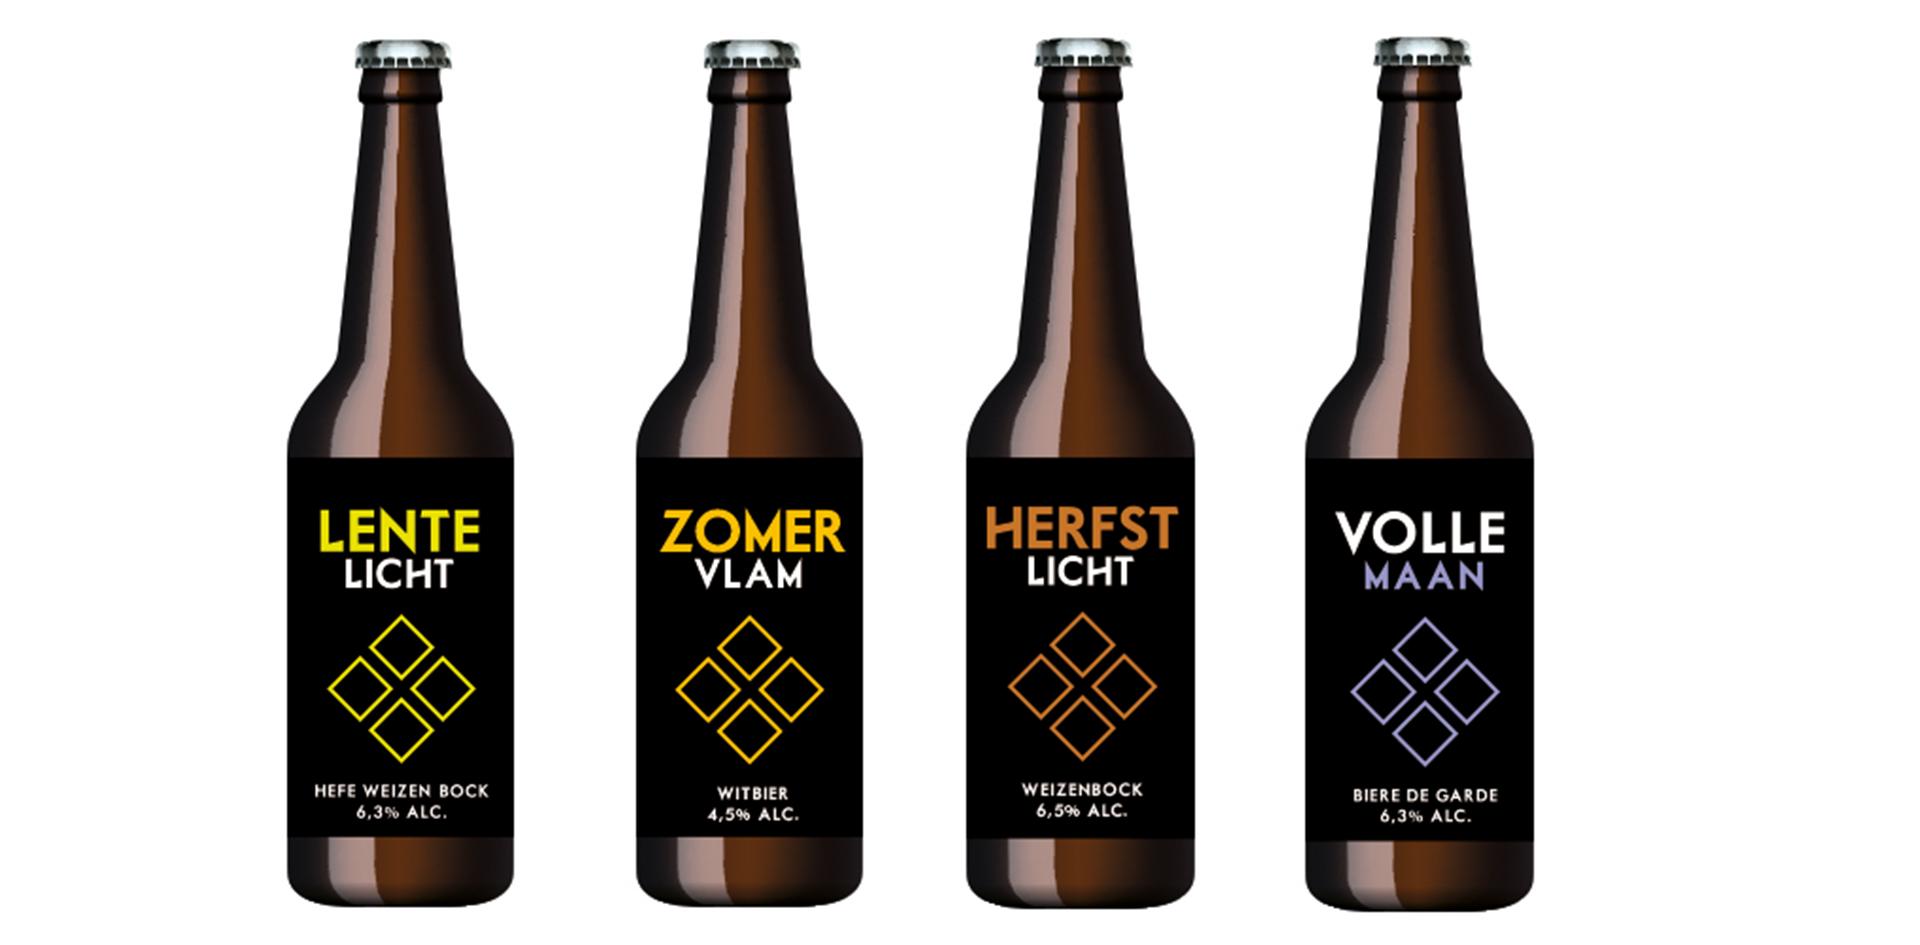 pils-bier-brouwerij-nederland-streekbier-utrecht-het-licht-foto-01